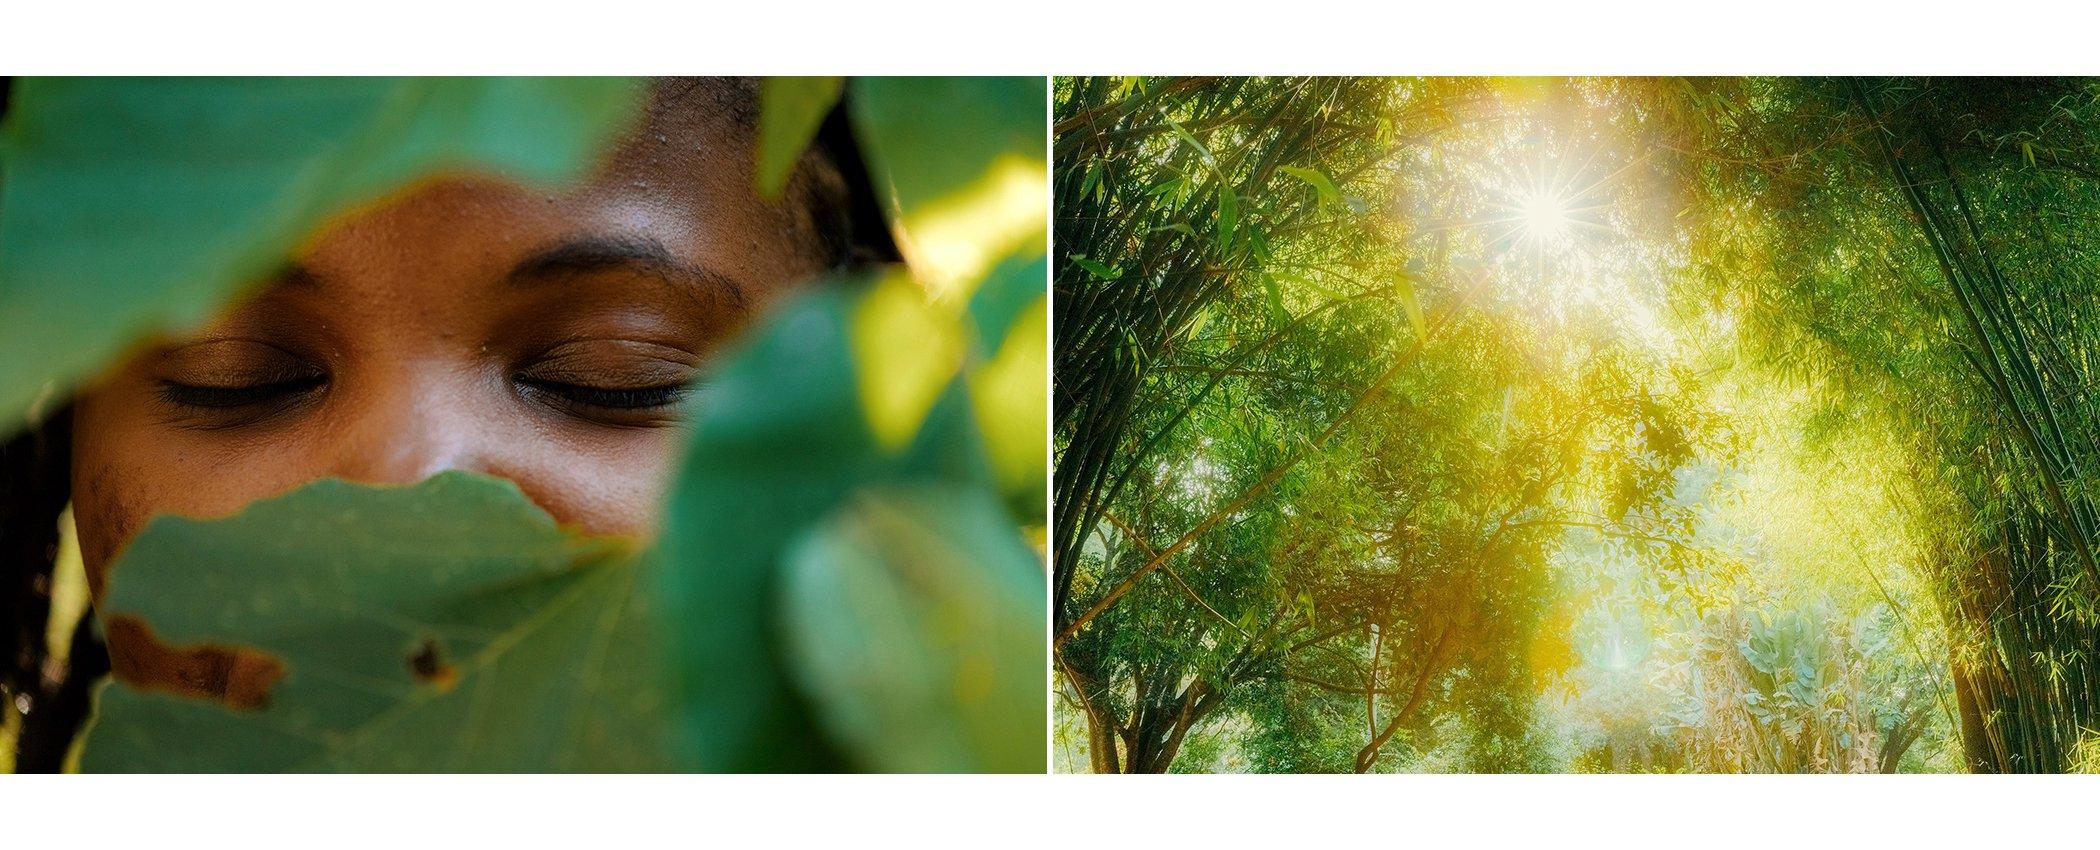 IMOW_WinnieCheche_RootsofAfrikaForGlobalCitizen_Diptych2.jpg